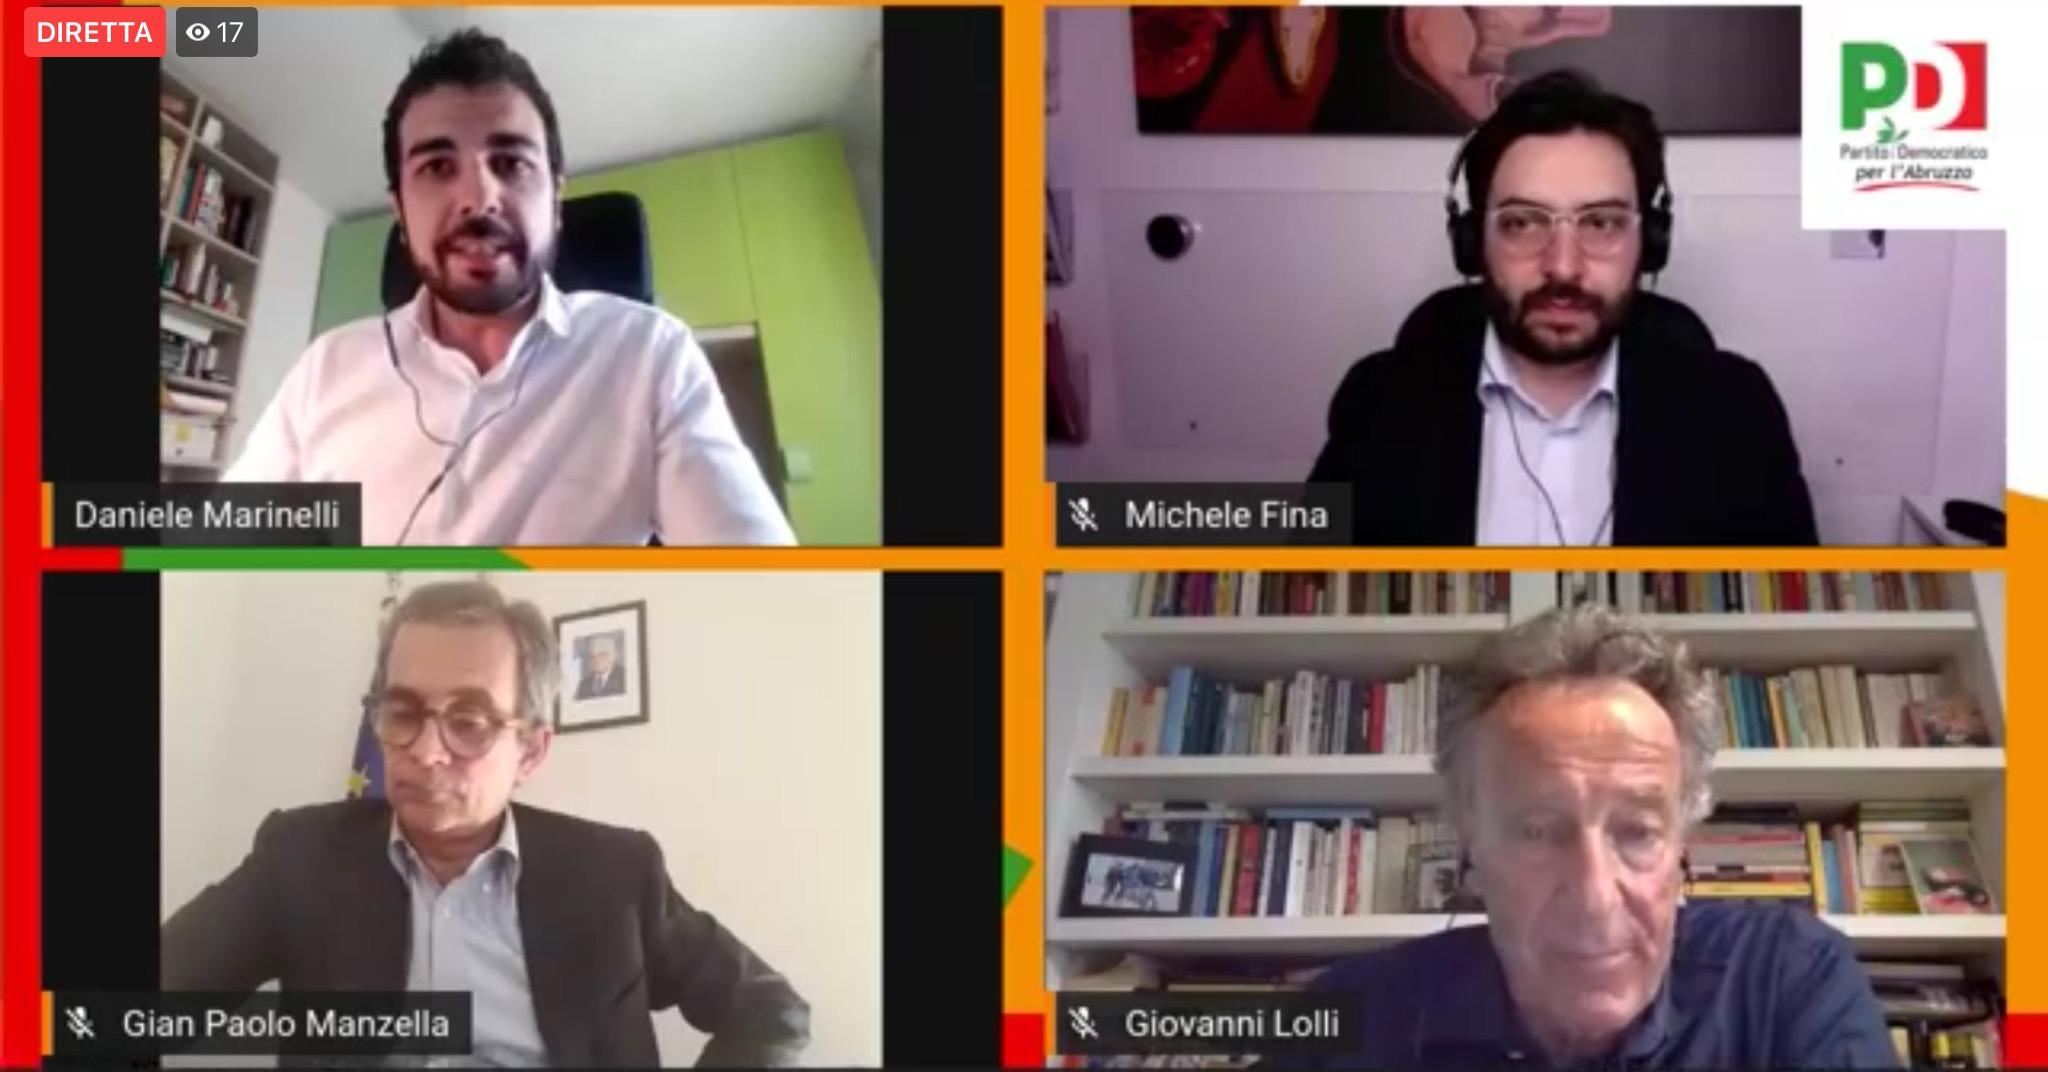 Ripartire in Abruzzo: il sottosegretario Manzella all'incontro del PD regionale